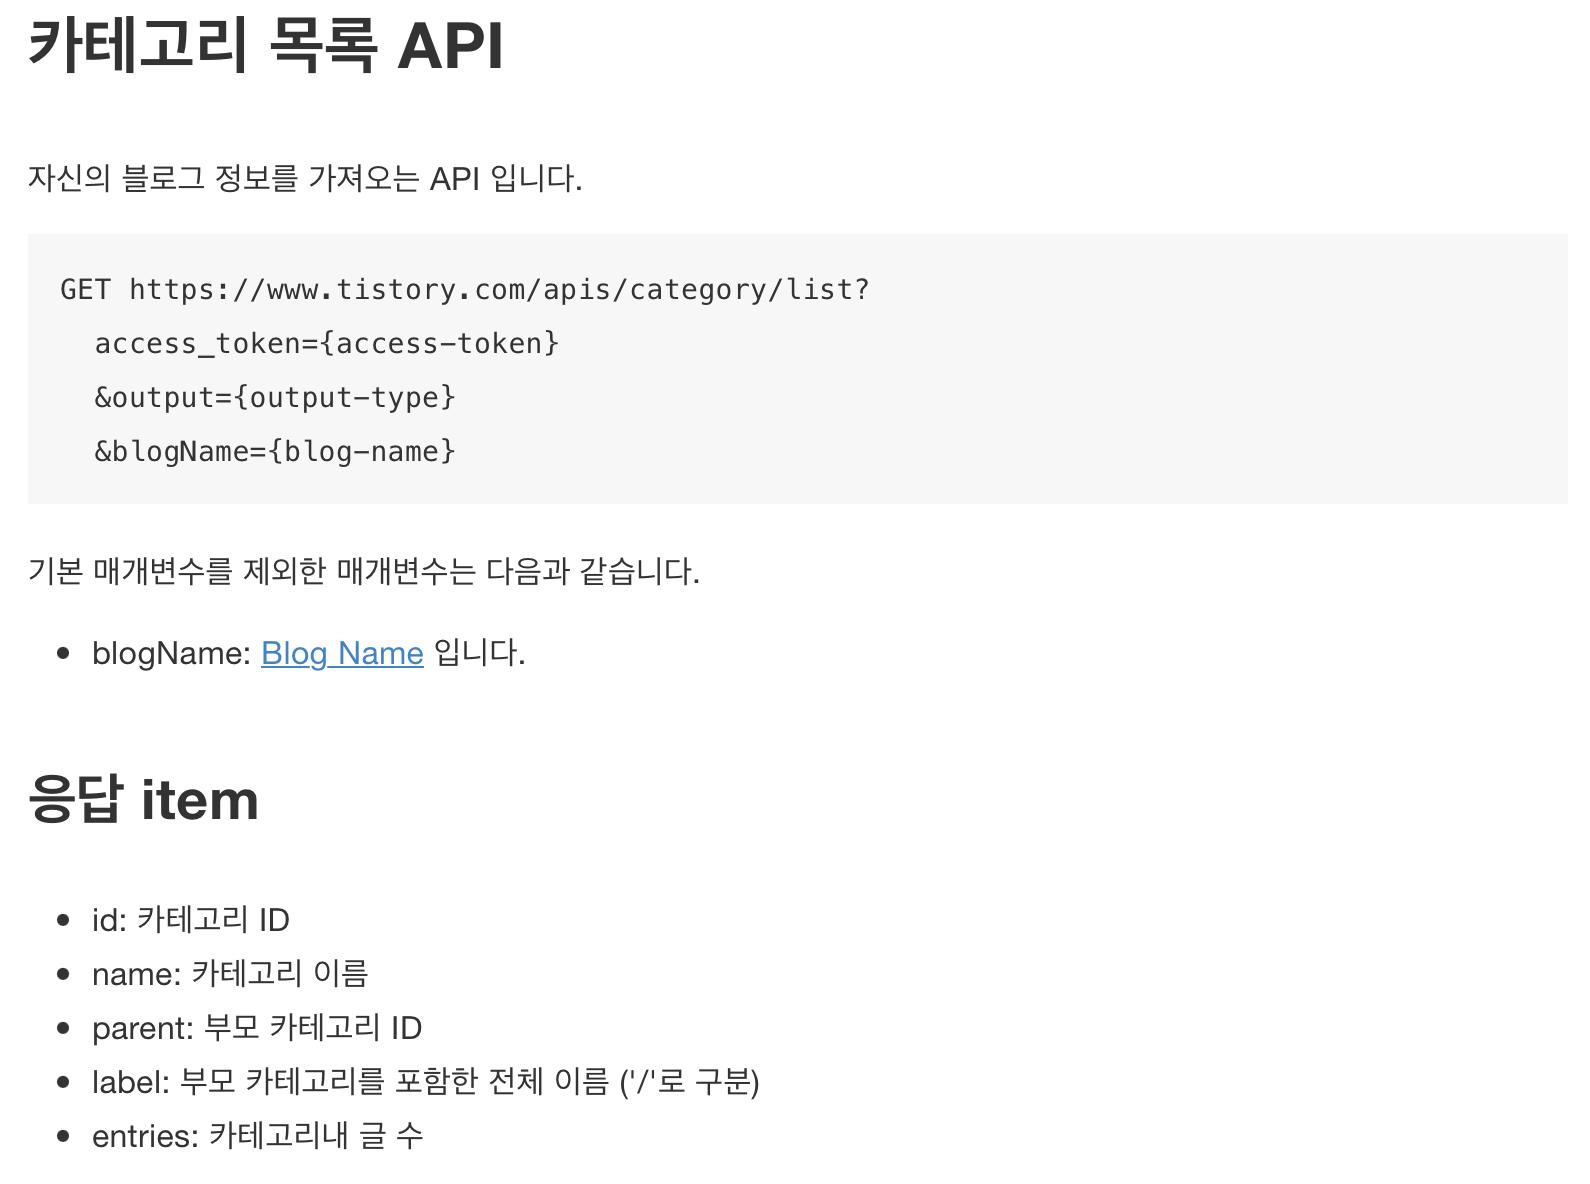 [파이썬] 티스토리 API - 카테고리 목록 가져오기 포스팅 썸네일 이미지